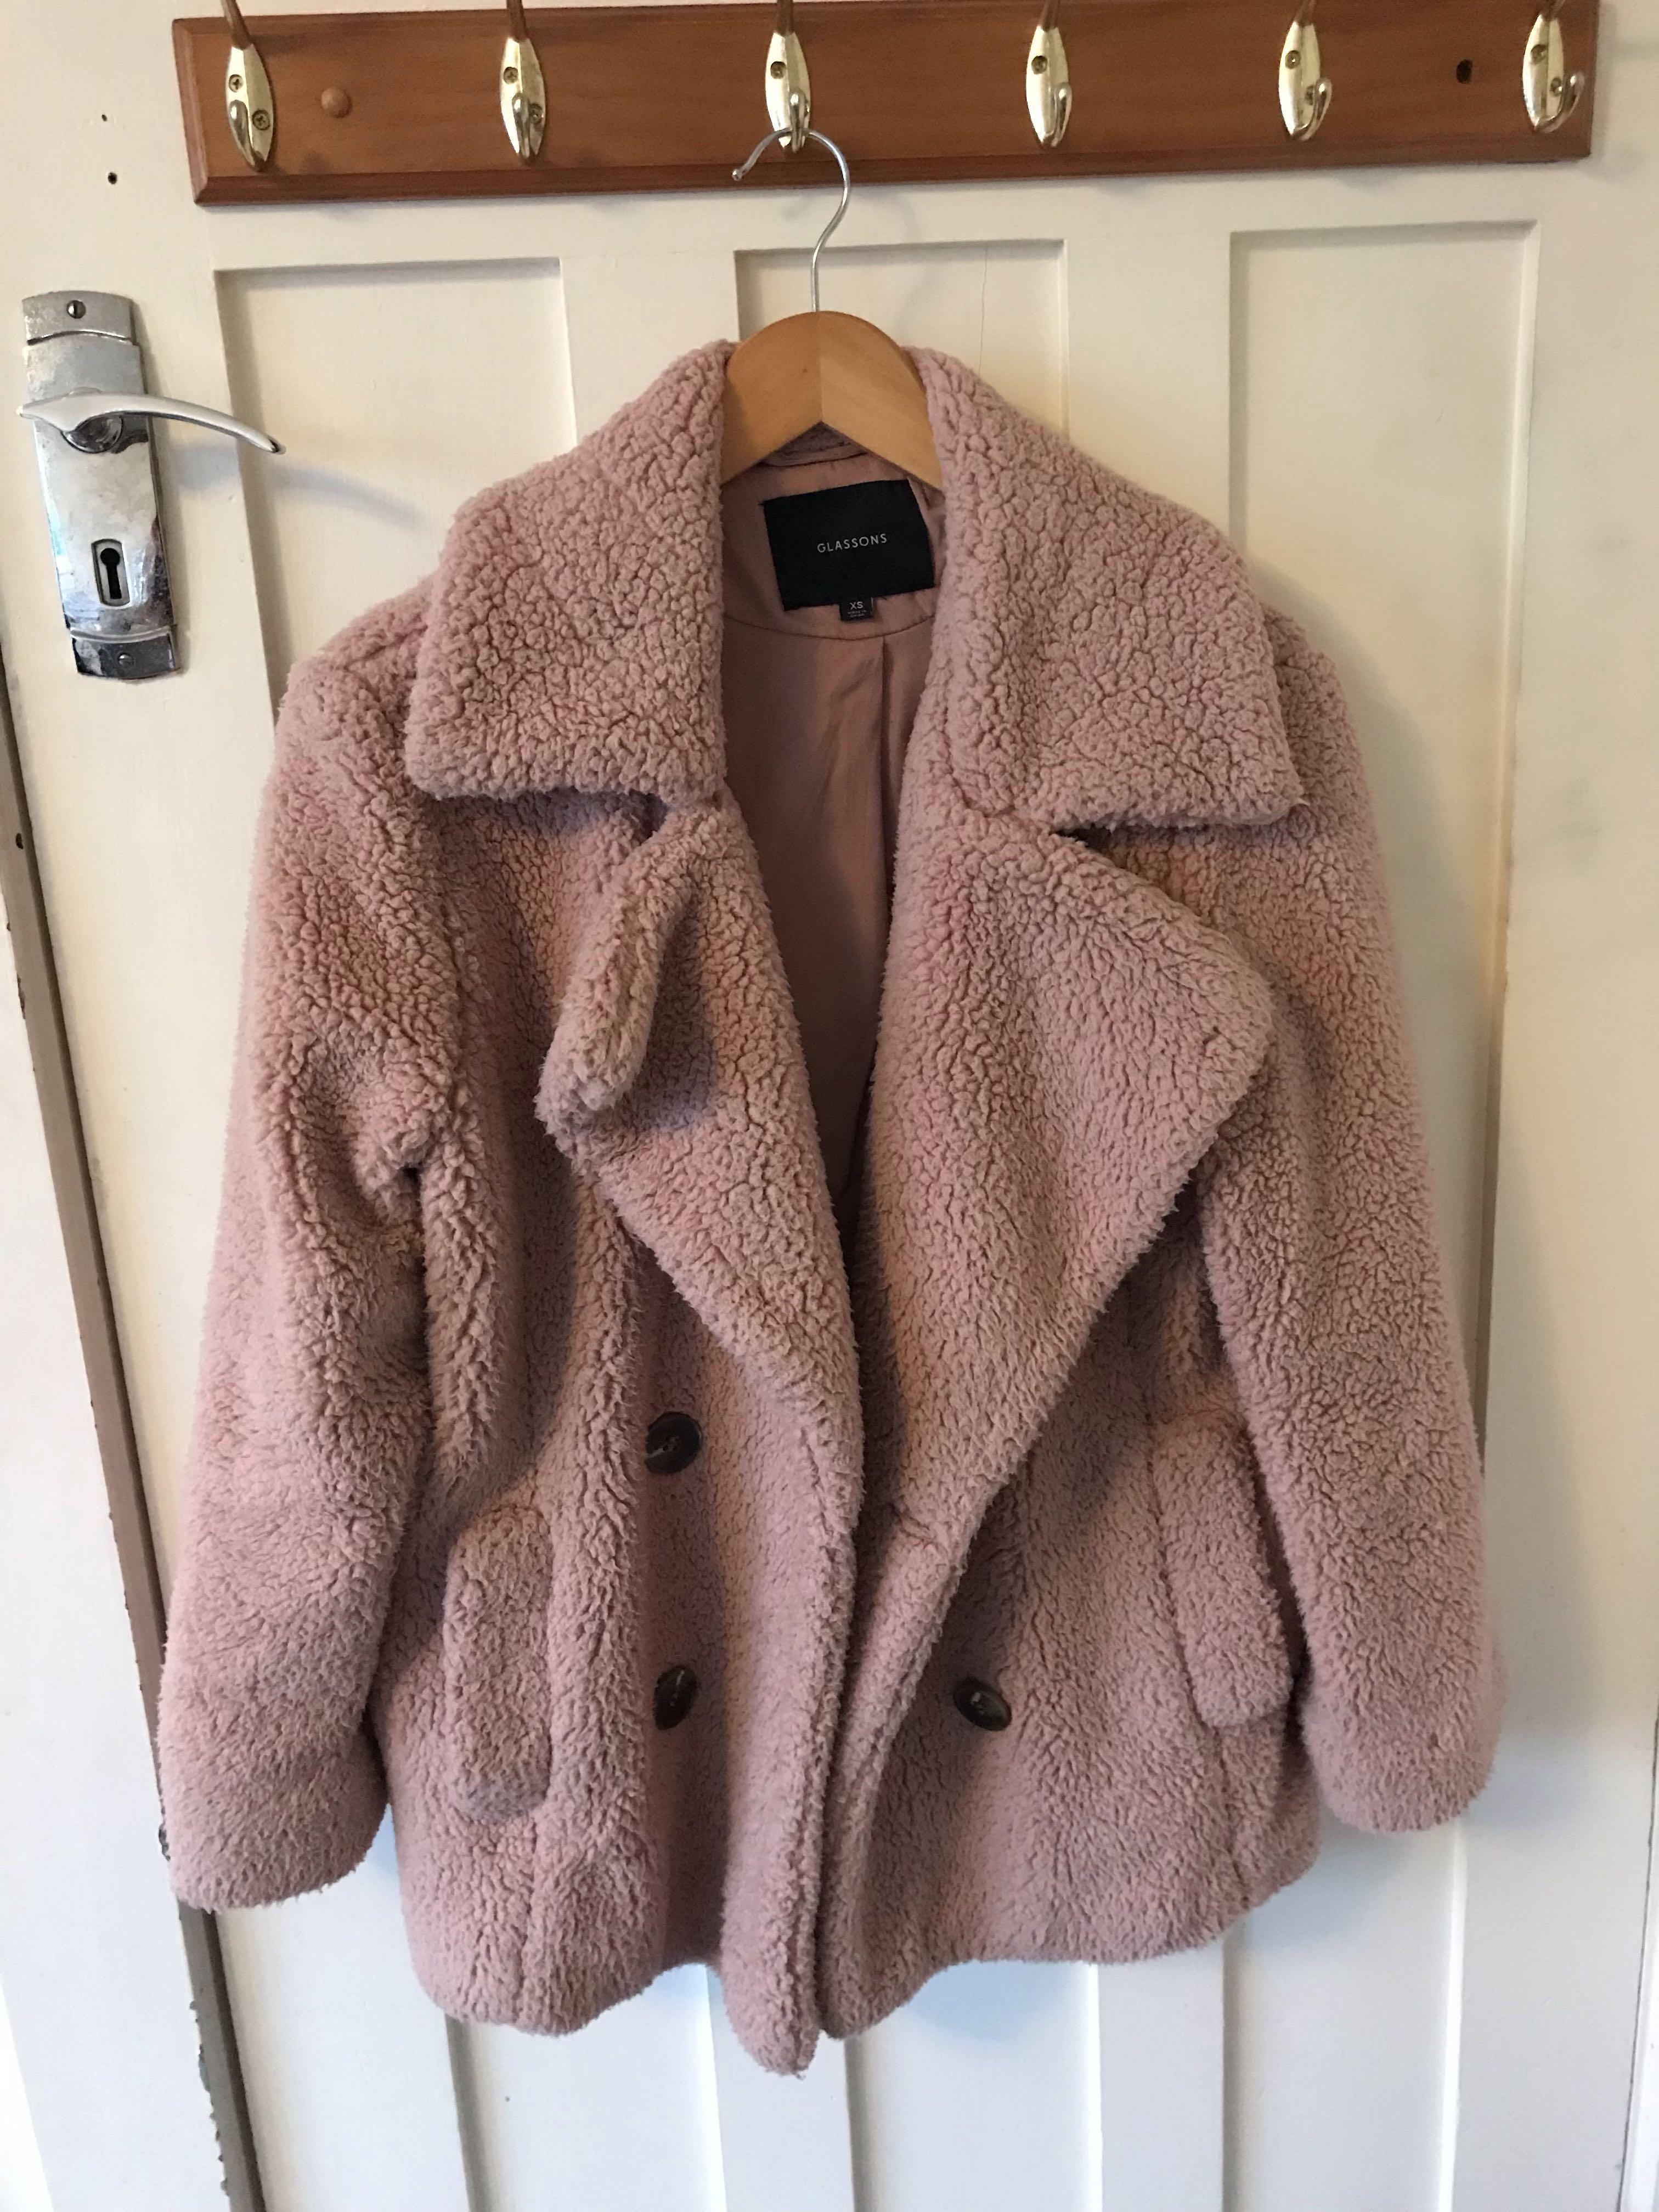 Glassons teddy coat